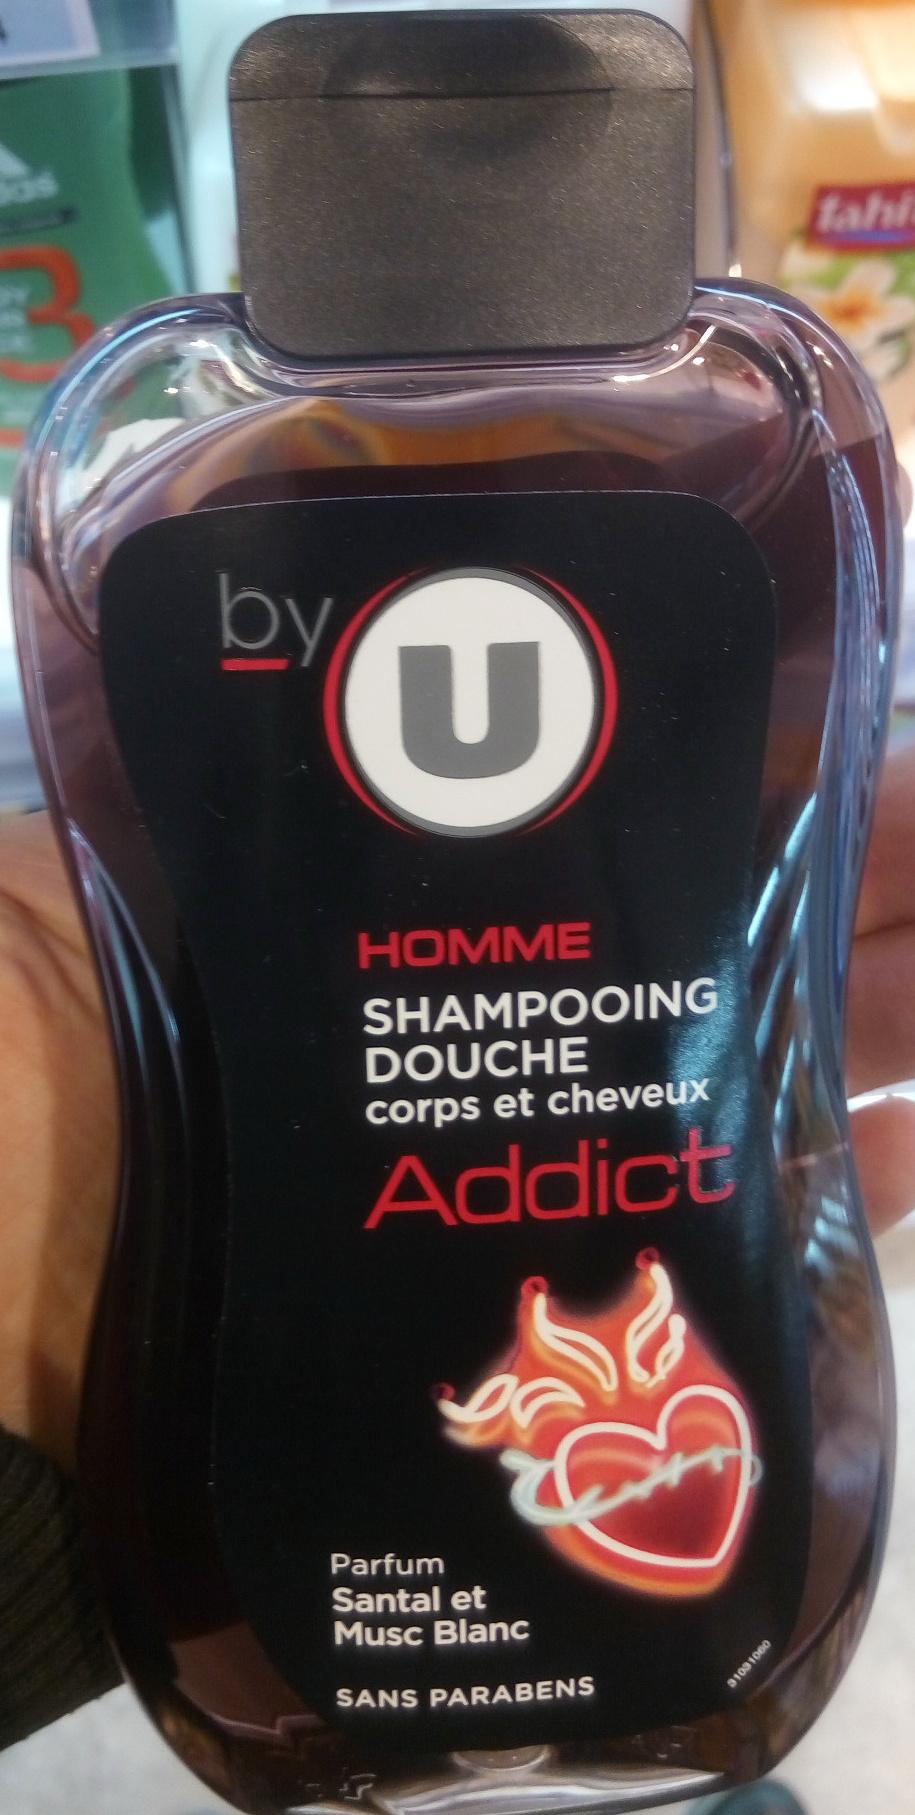 Homme shampooing douche corps et cheveux addict parfum santal et musc blanc - Product - fr